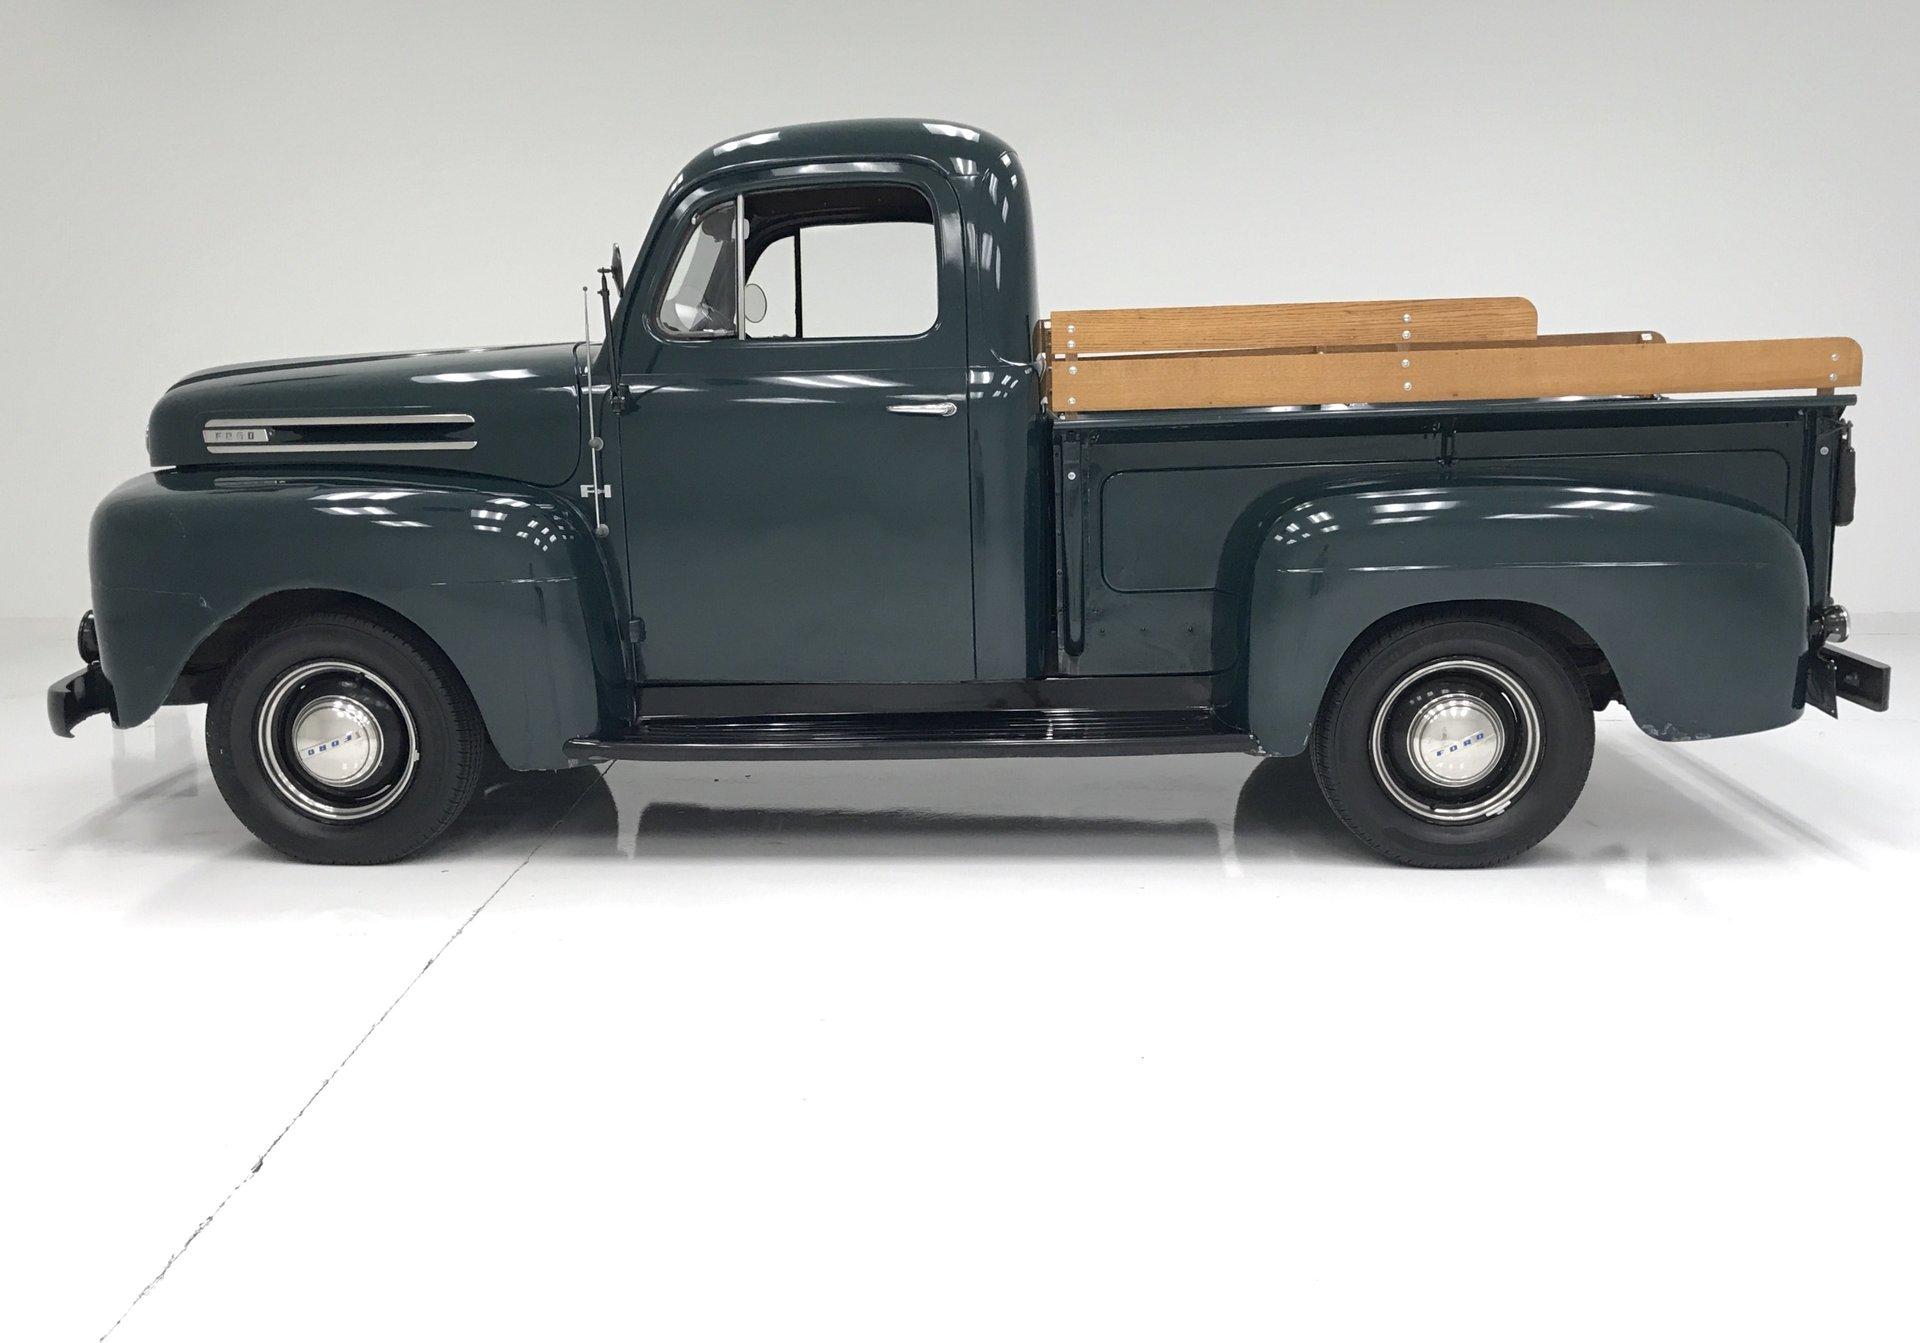 1948 Ford F1 Classic Auto Mall Truck Flathead 6 Pickup